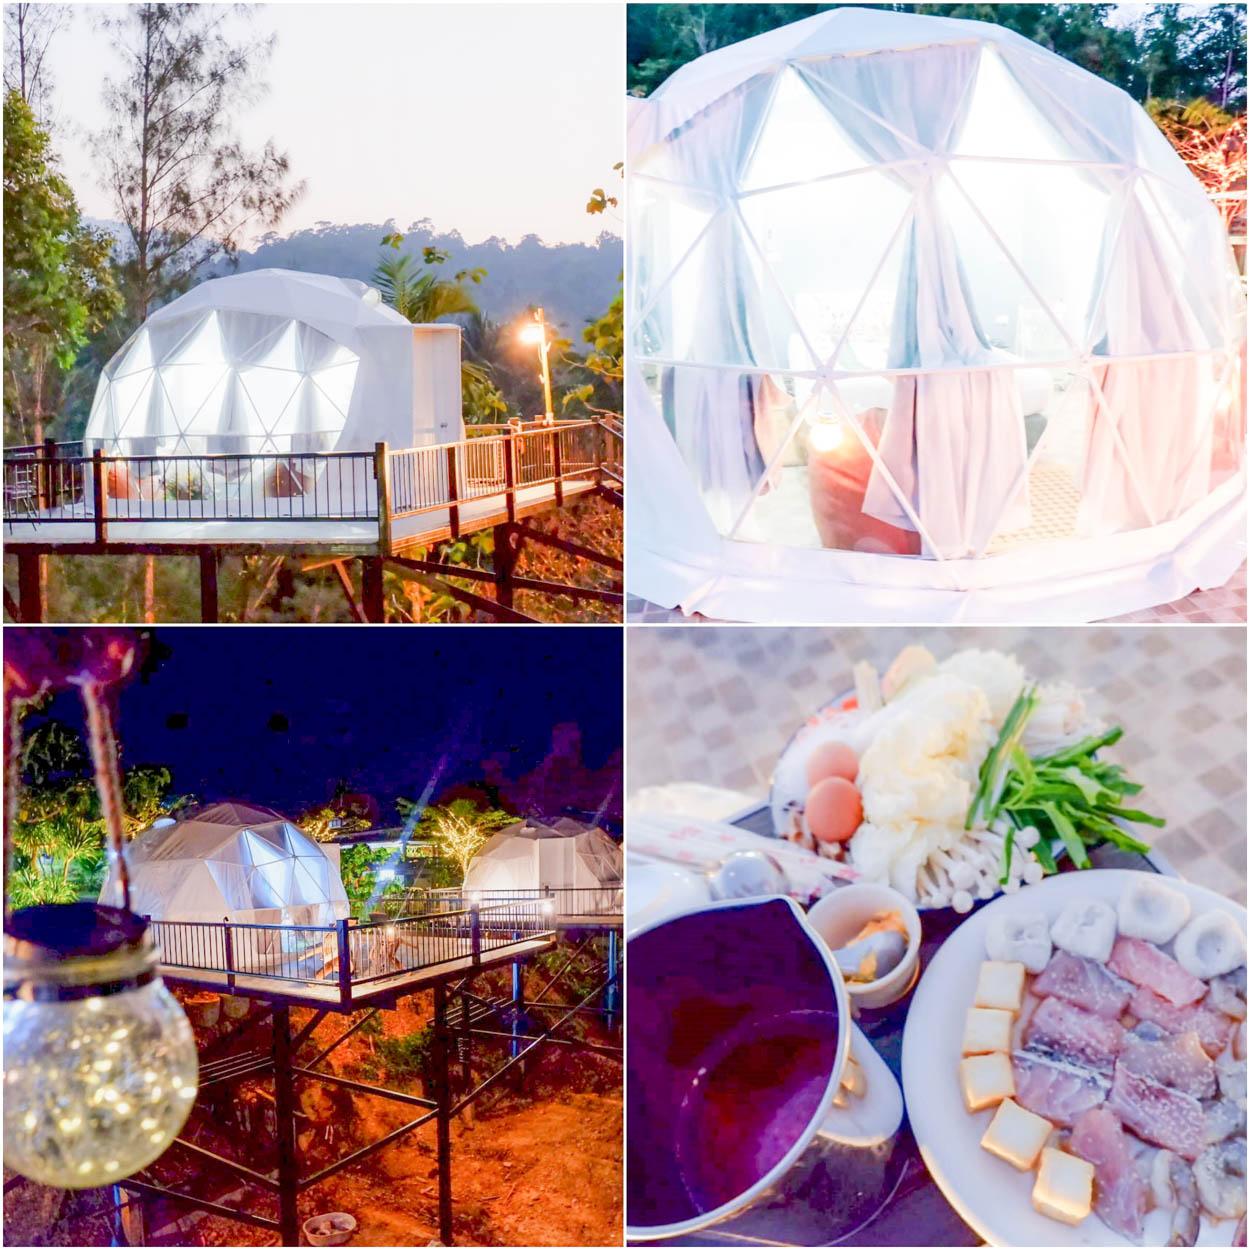 Khaopubpa Glamping Dome เขาพับผ้ารีสอร์ท อากาศ+ที่พัก  10/10 คืนนี้นอนดูดาว พรุ่งนี้เช้าดูหมอก ฟินนนนแน่นอนค่า